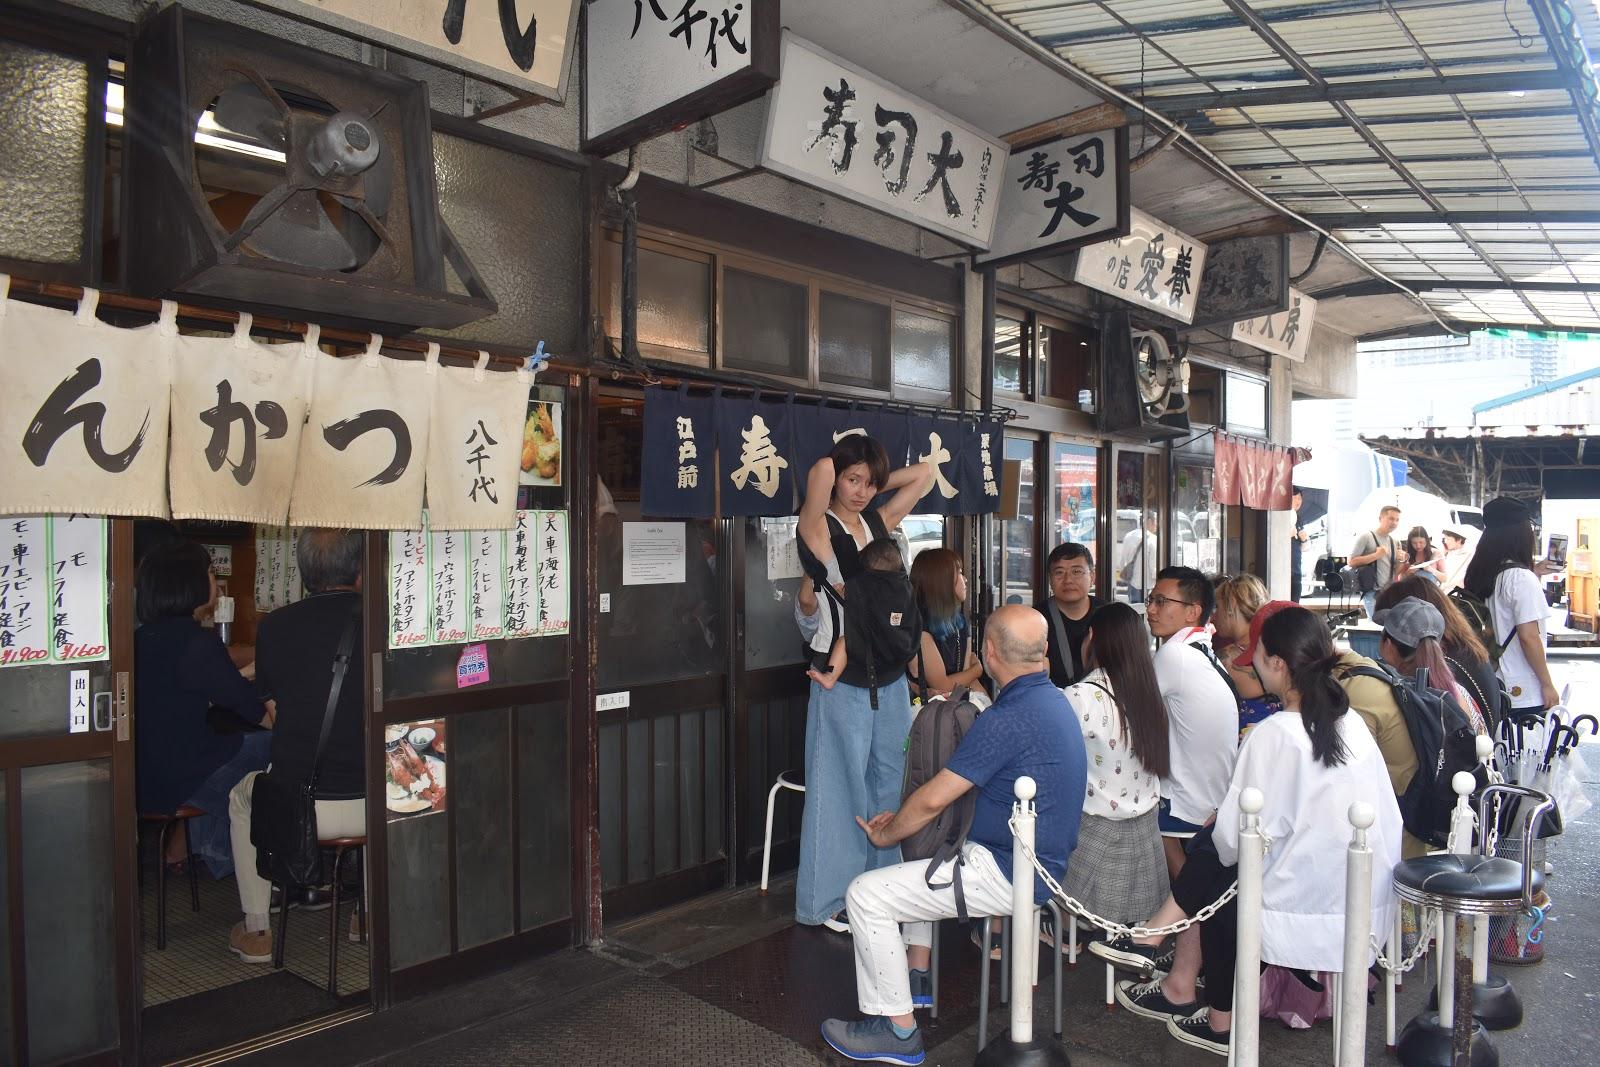 15eb5e0fac ... τουρίστες που περίμεναν στην ουρά για να φάνε το ...πρωινό ψάρι στα  μικρά μαγαζάκια έξω από την κλειστή αγορά. Καταστήματα με είδη ψαρικής